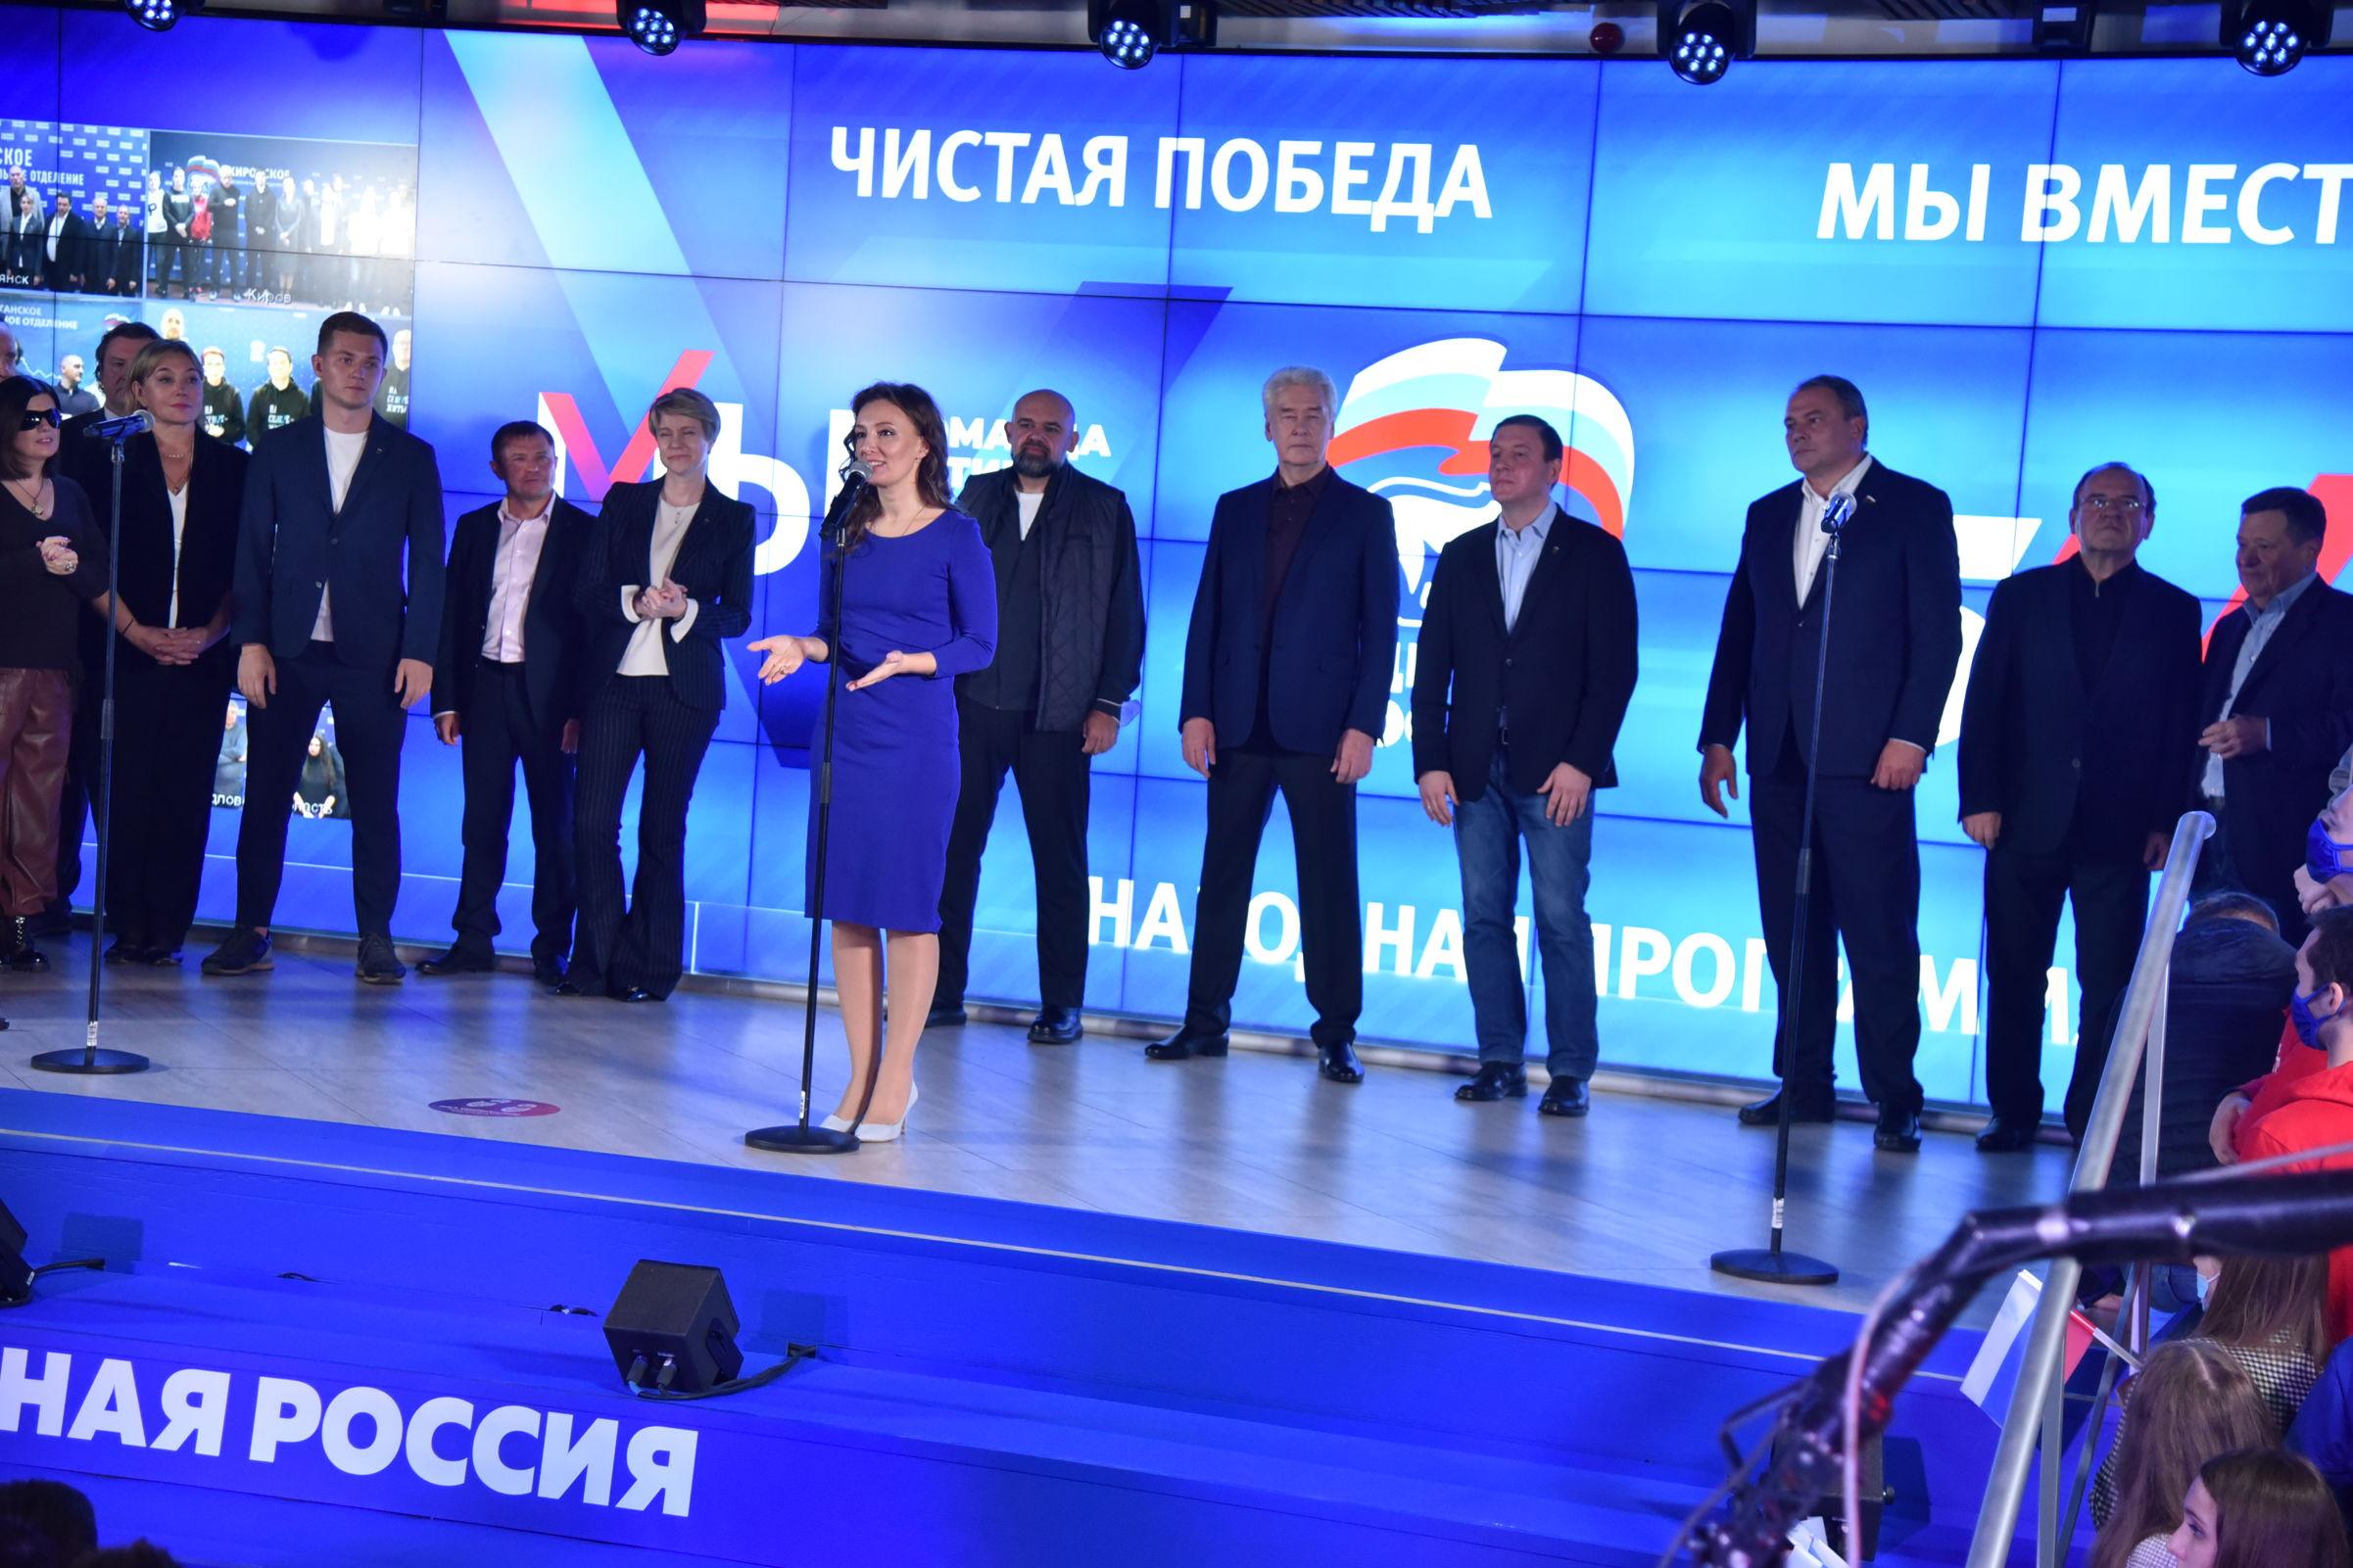 Чистая и честная победа: «Единая Россия» сформирует фракцию конституционного большинства в Госдуме